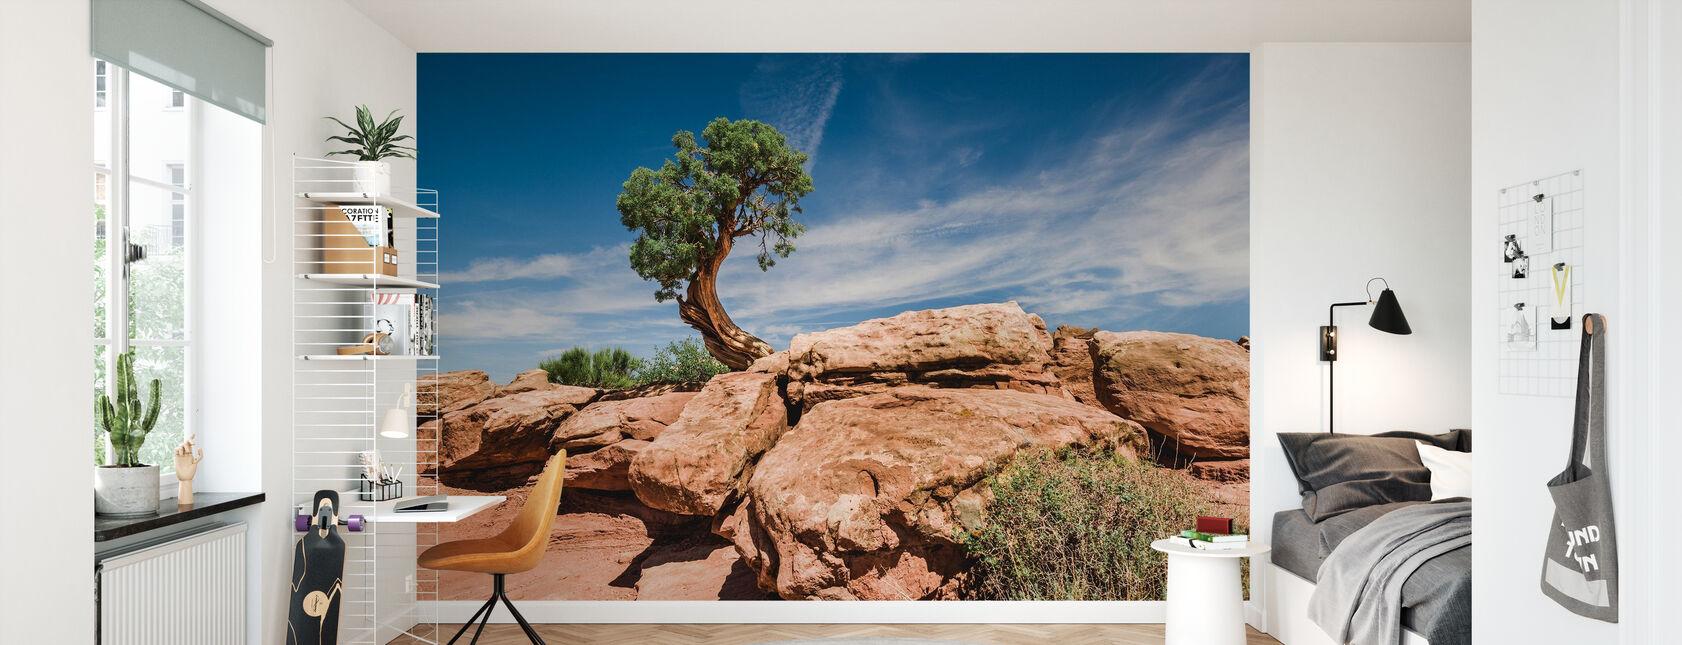 Desert tree in Utah - Wallpaper - Kids Room